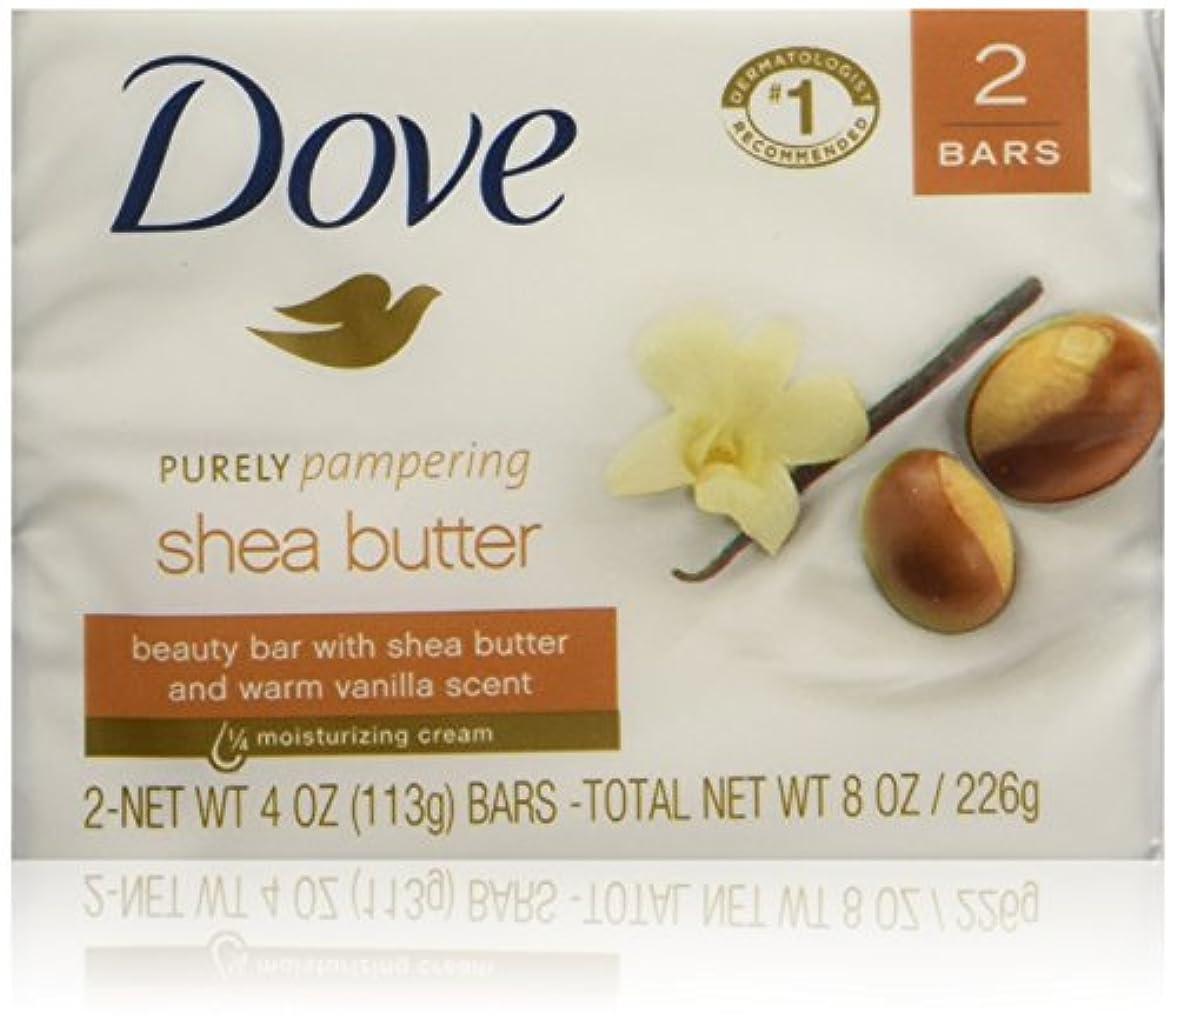 スペイン語憧れ効能Dove Nourishing Care Shea Butter Moisturizing Cream Beauty Bar 2-Count 120 g Soap by Dove